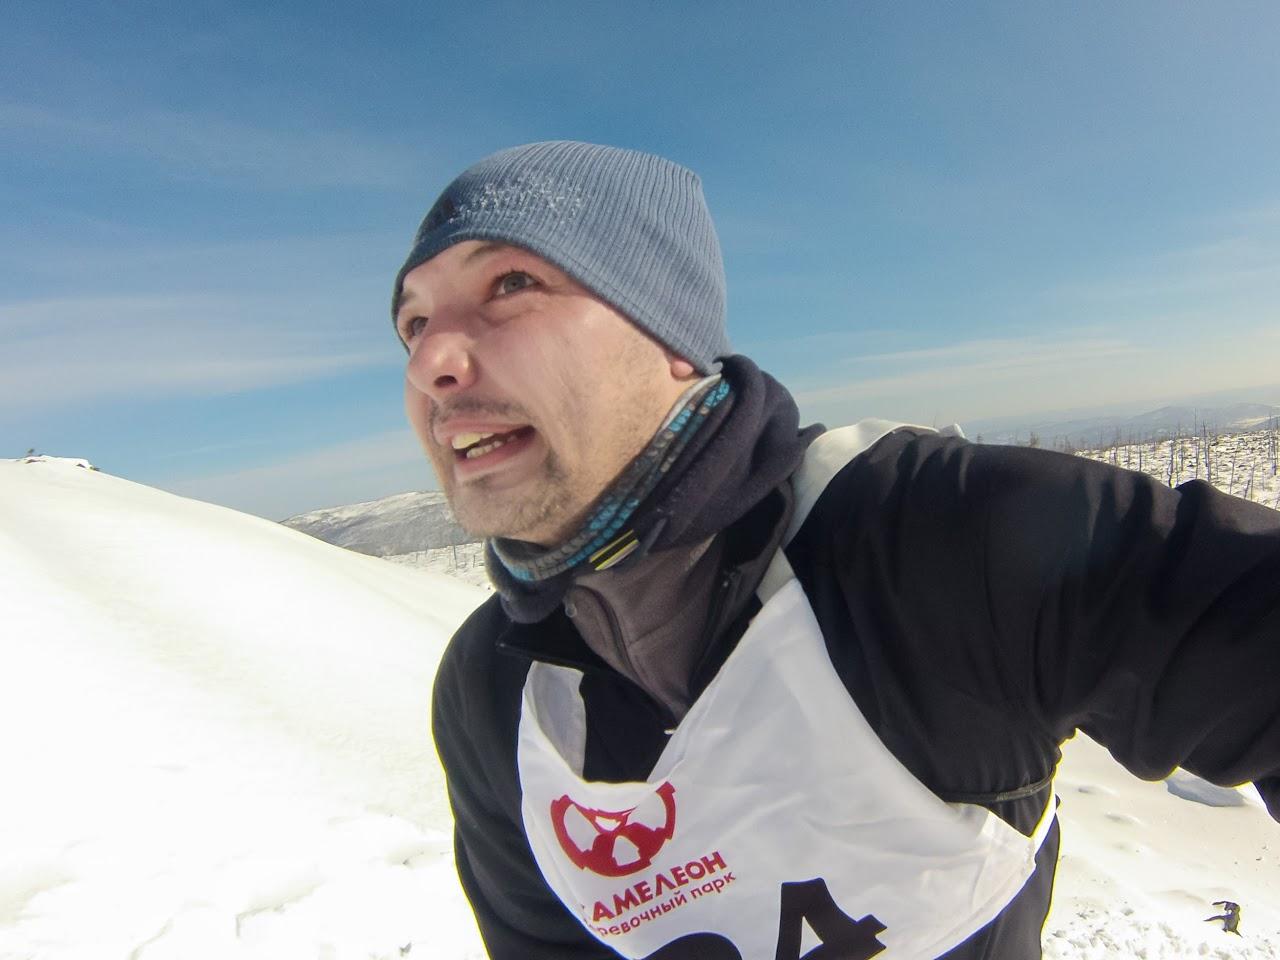 Участник преодолевает последний подъем к вершине - Скоростное восхождение на голец Саранакан 2017